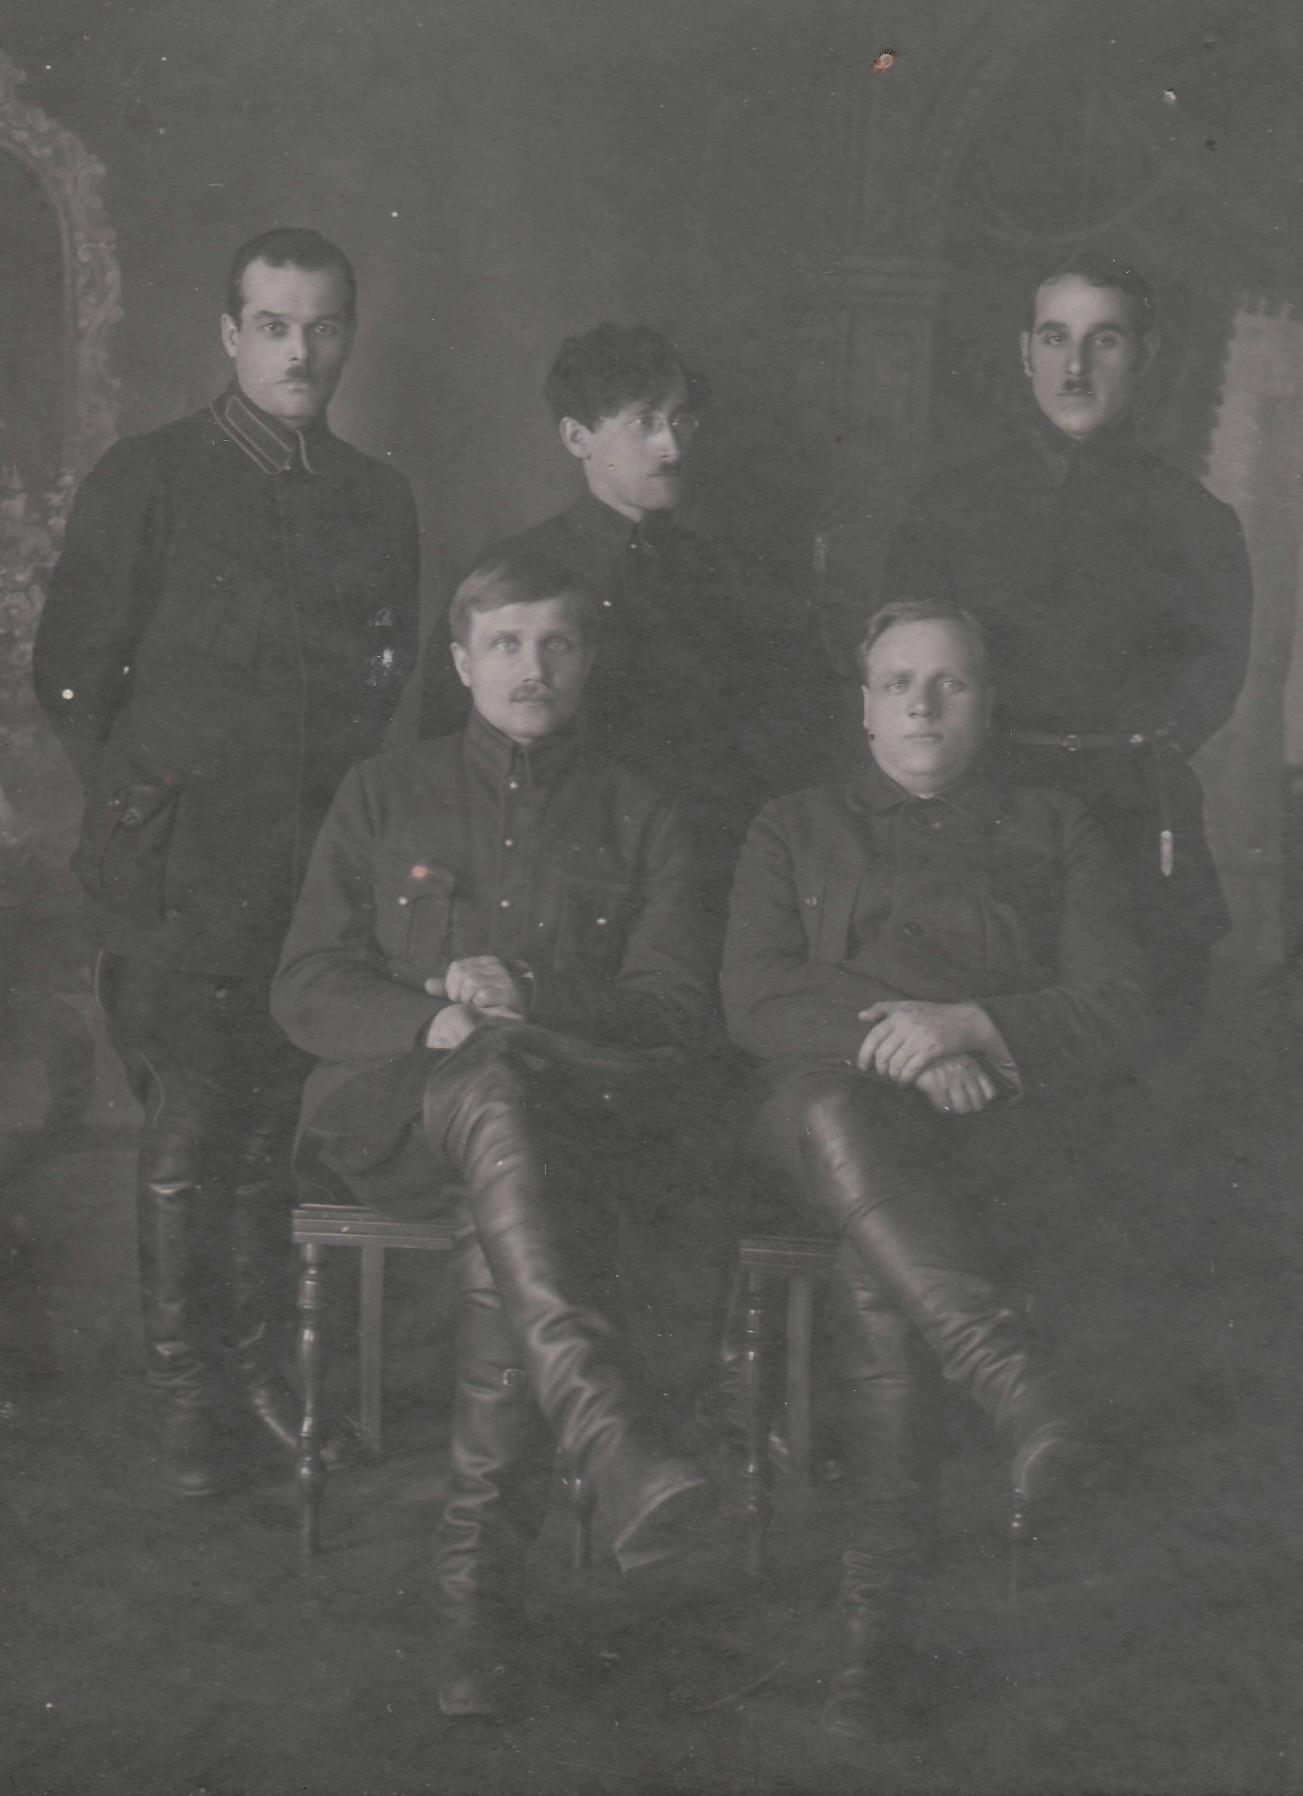 Н.Г. Сормах (сидит слева) с сотрудниками. Вятка (годы не обозначены)